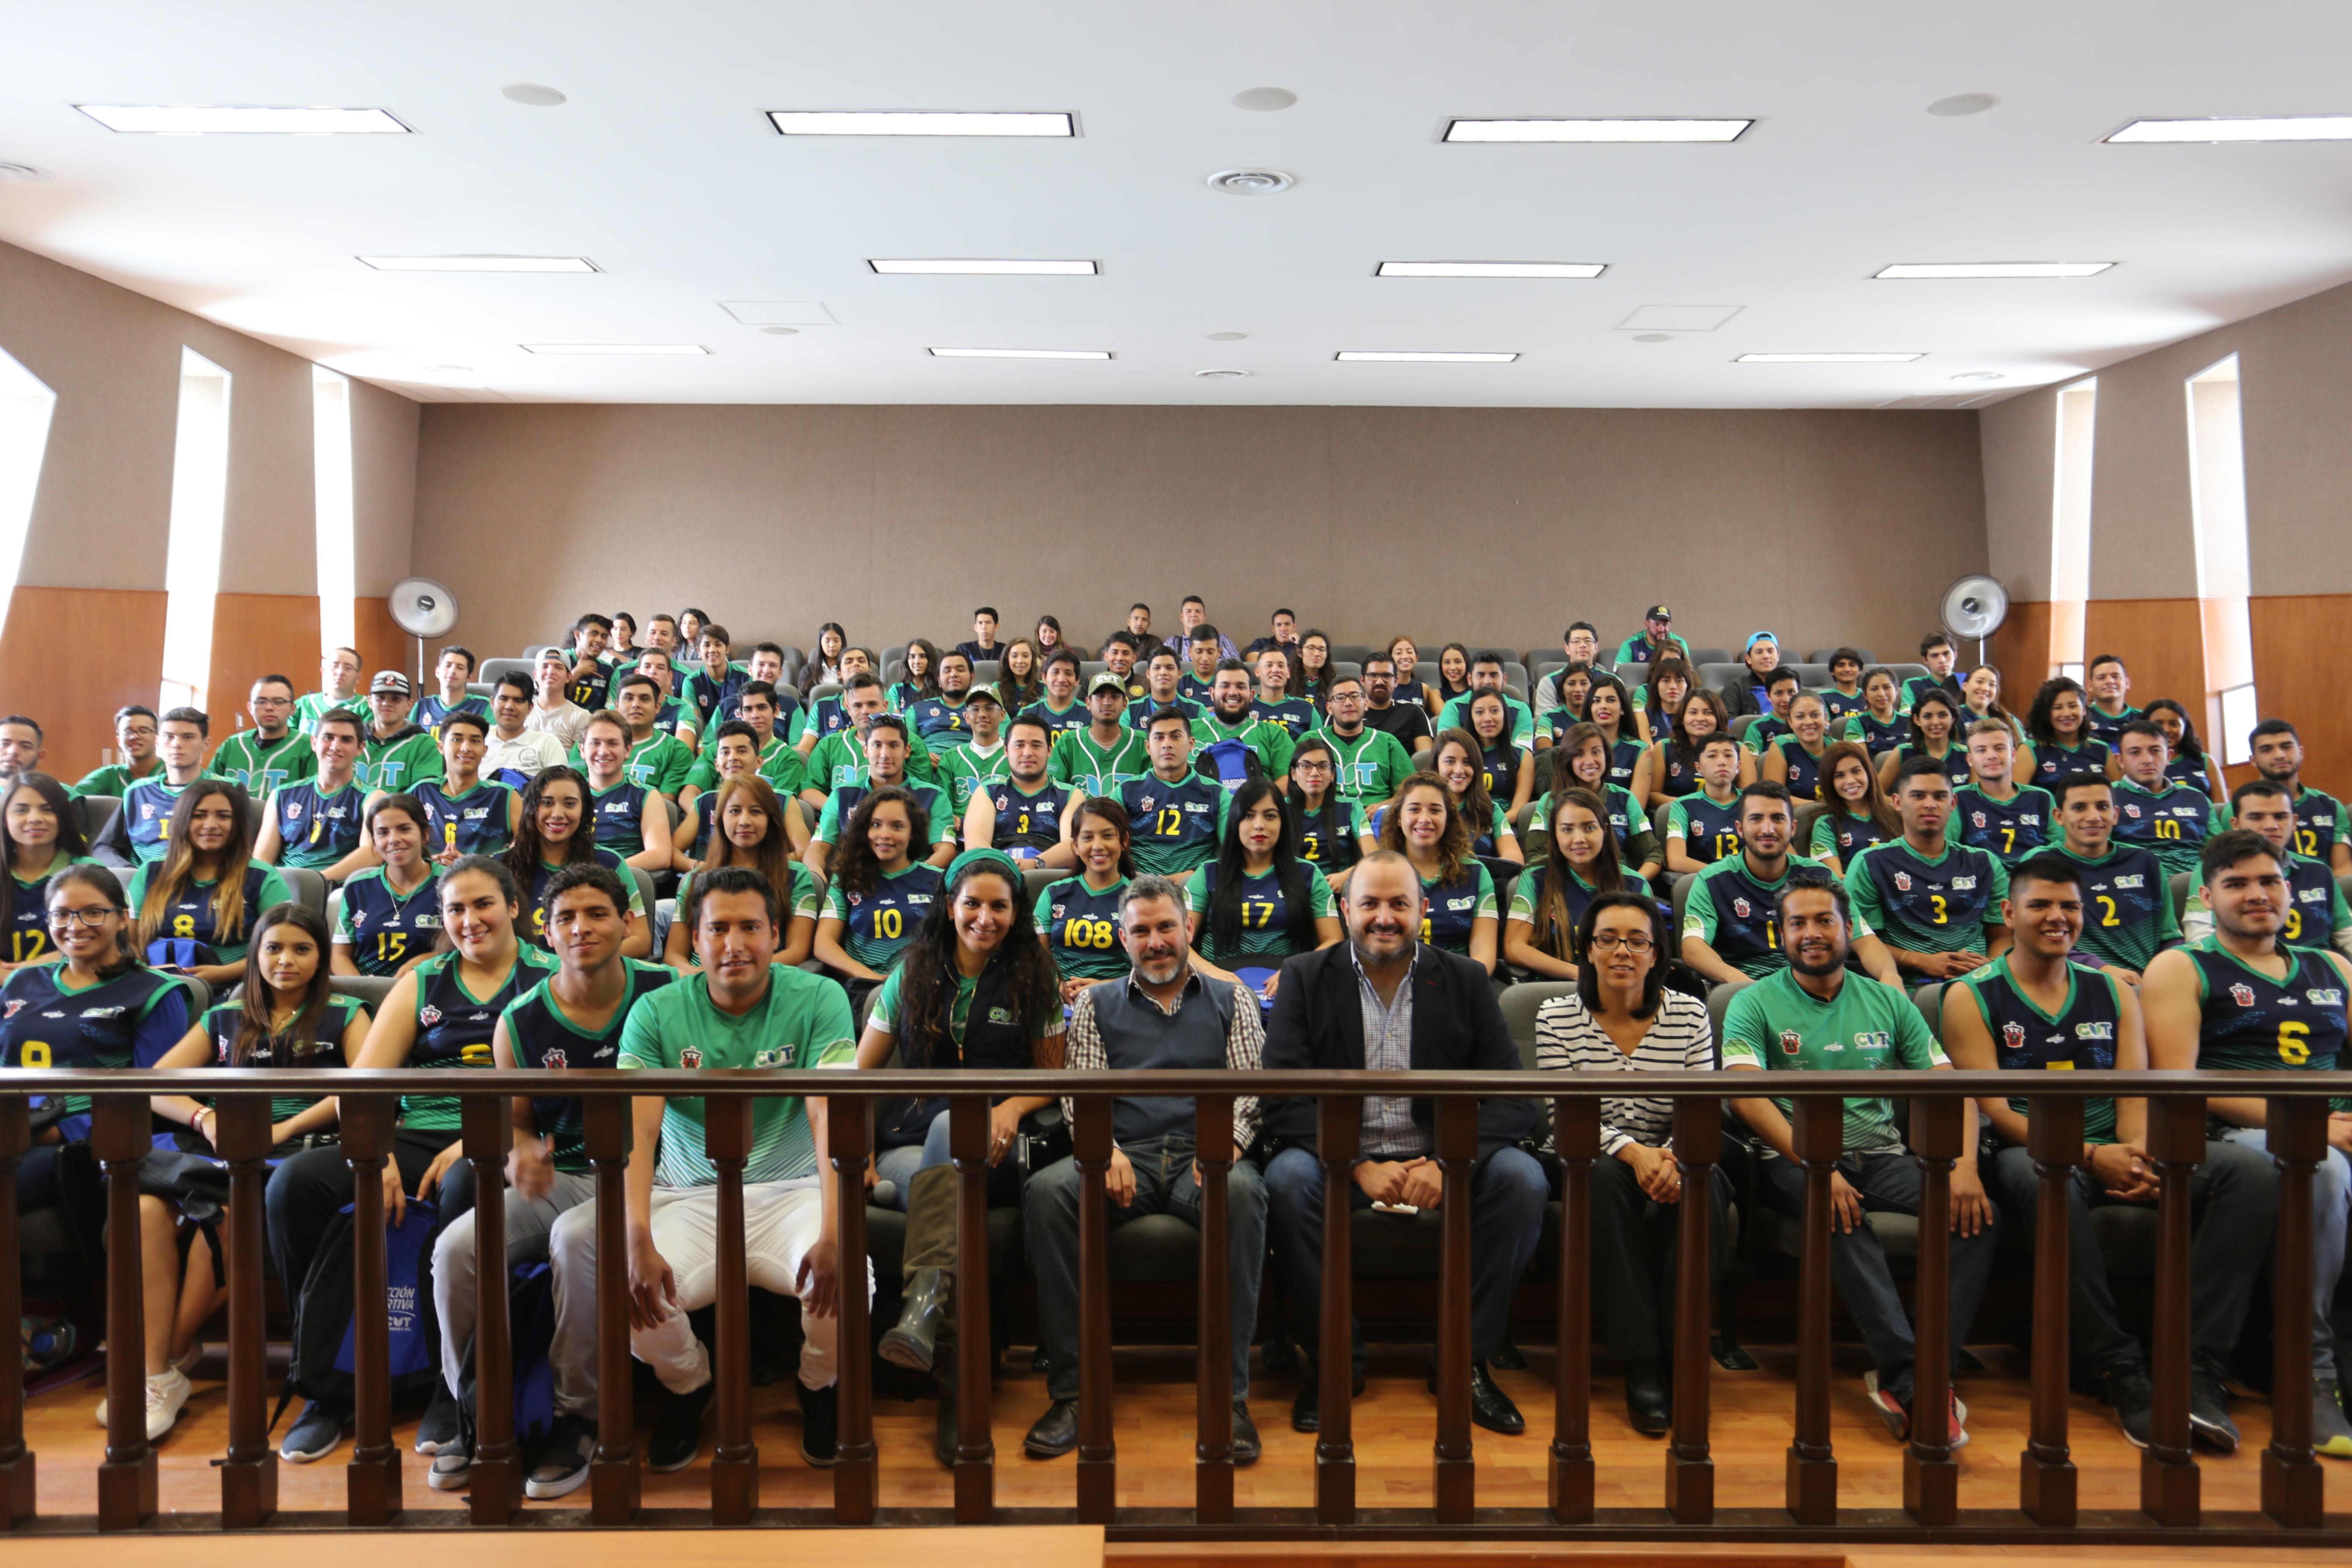 foto grupal de los deportistas del centro universitario de tonalá